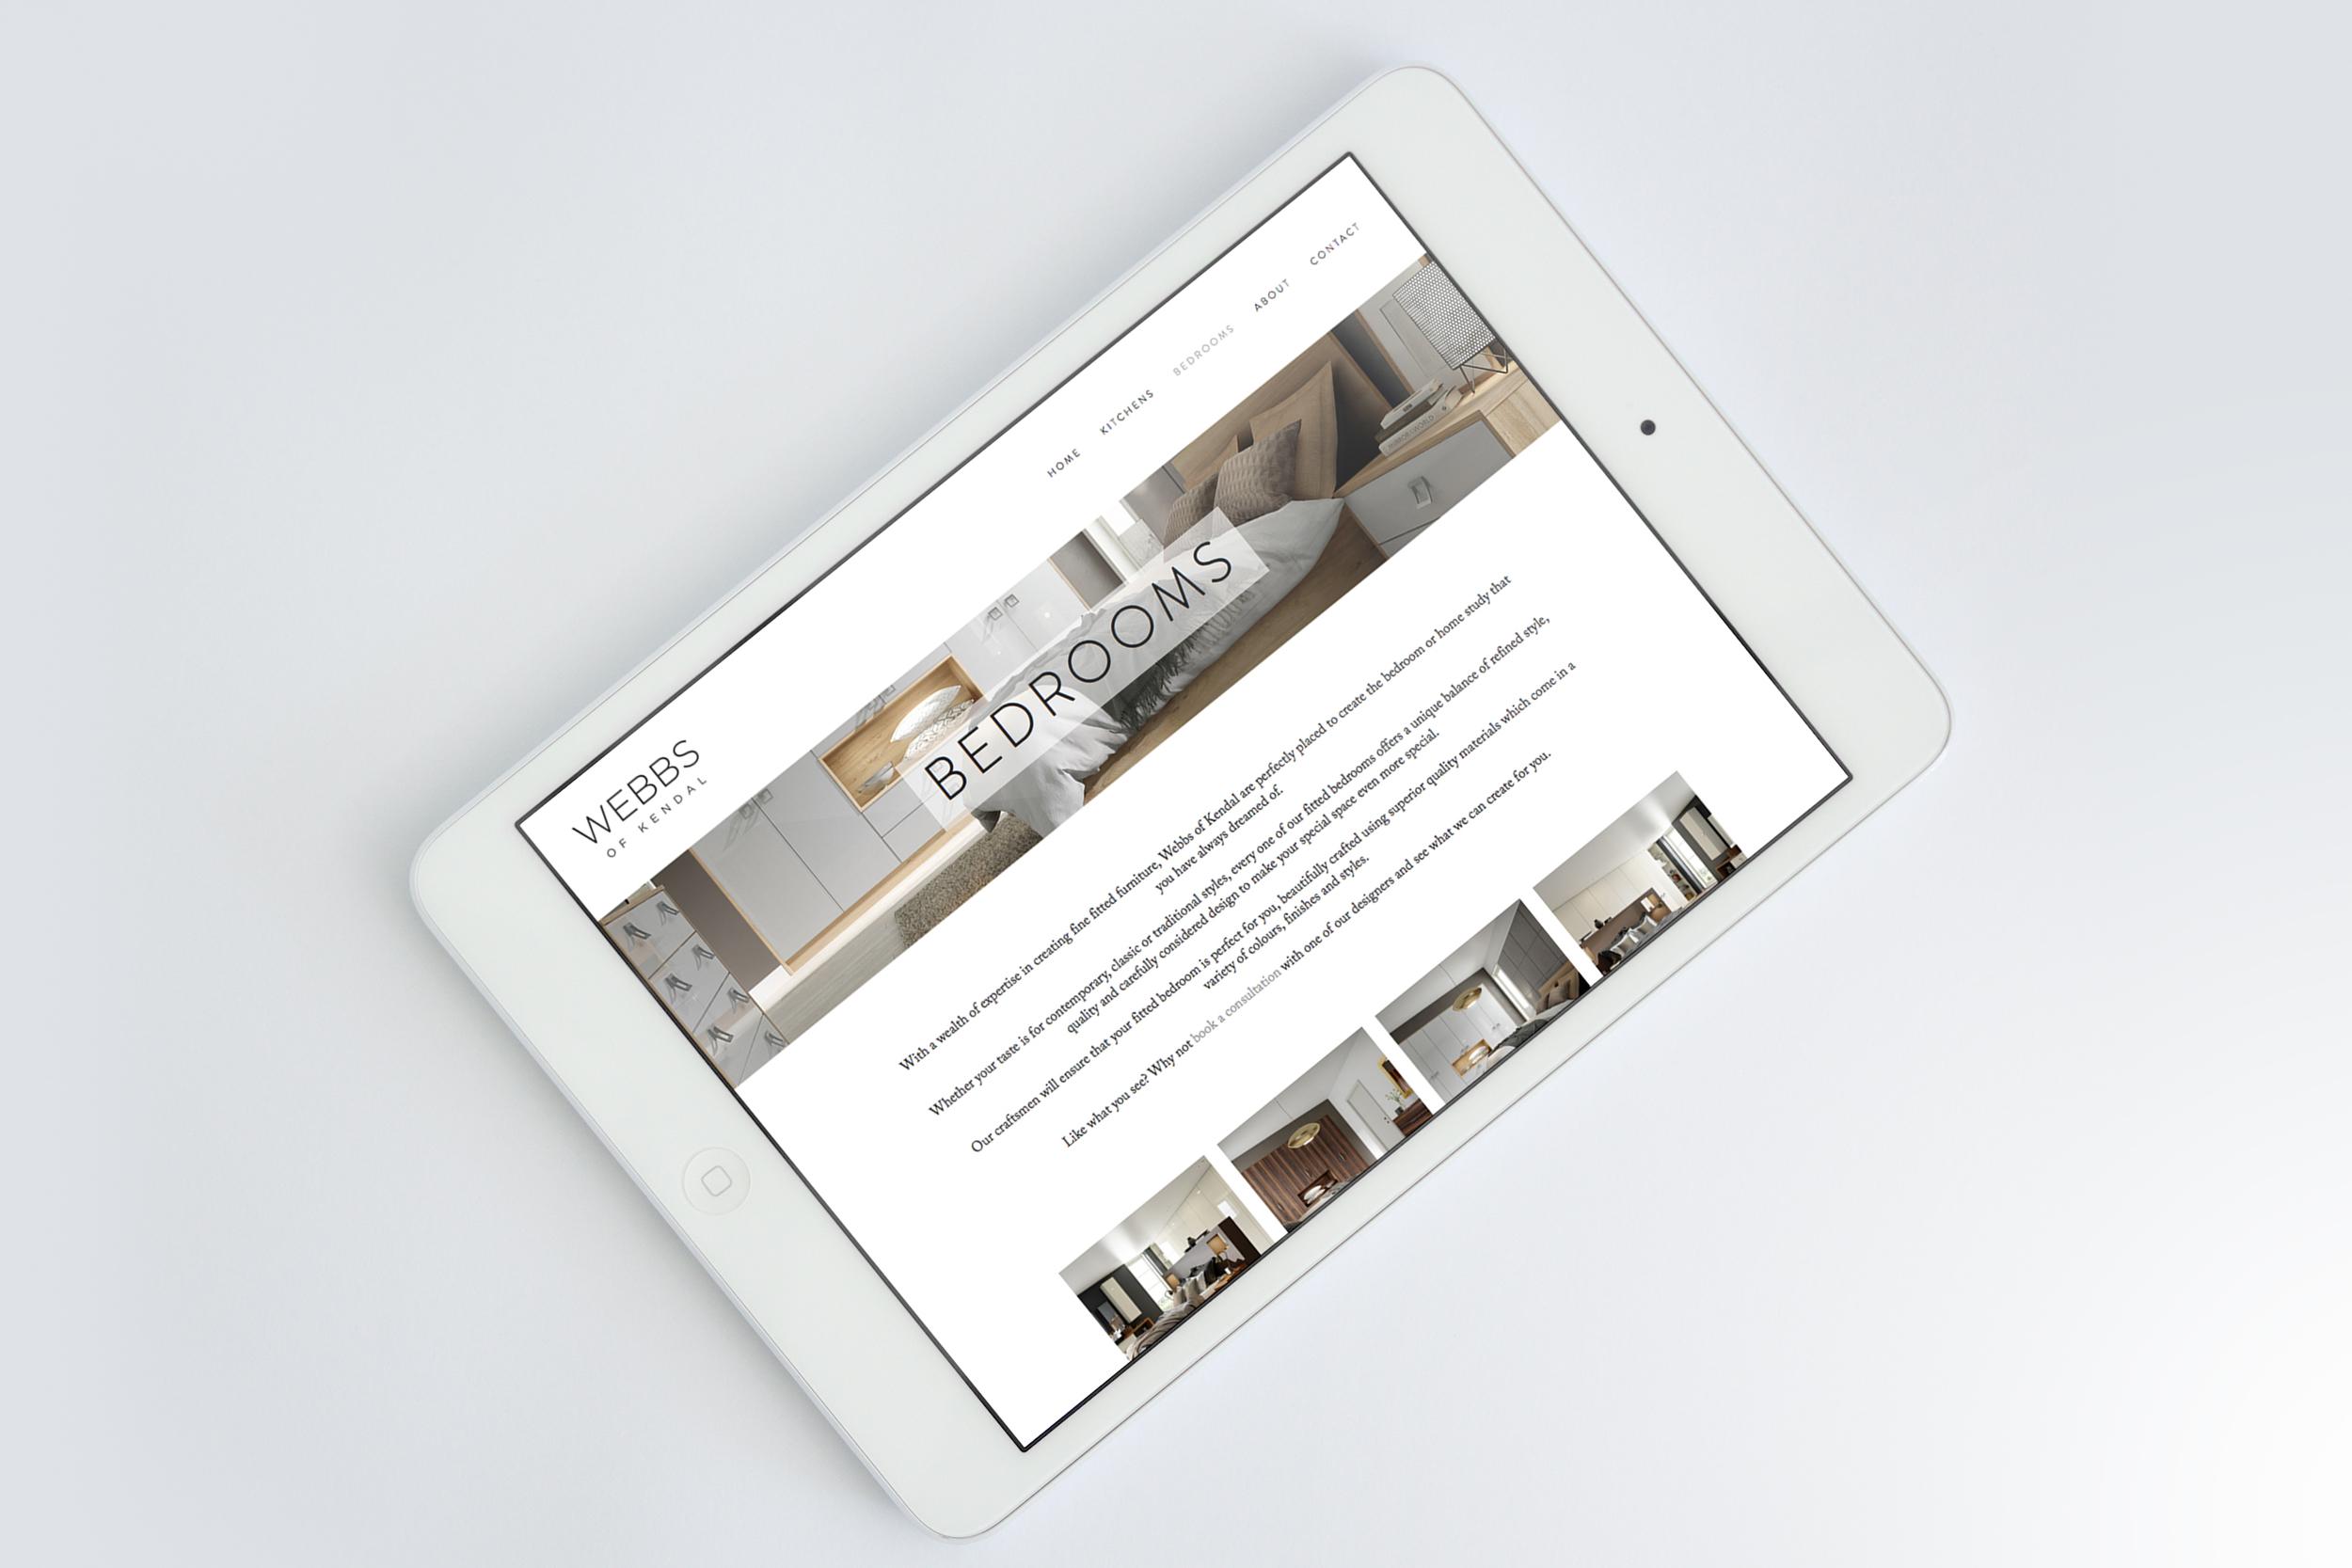 webbssite1.jpg